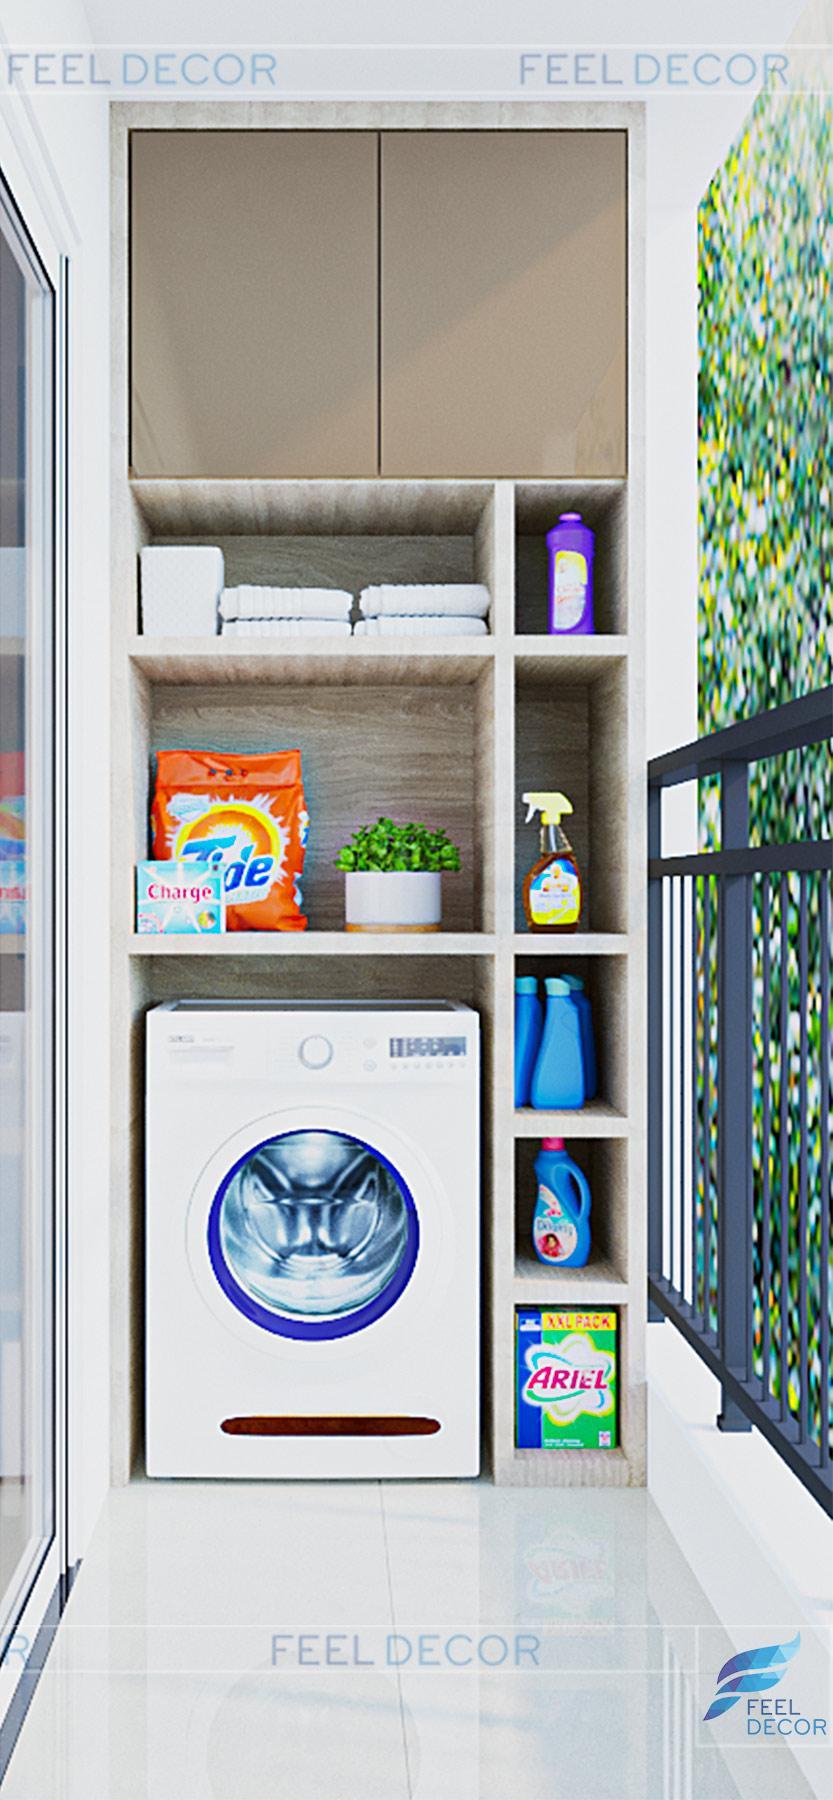 Thiết kế nơi giặt giũ tiện lợi, các vật dụng được sắp xếp ngăn nắp.